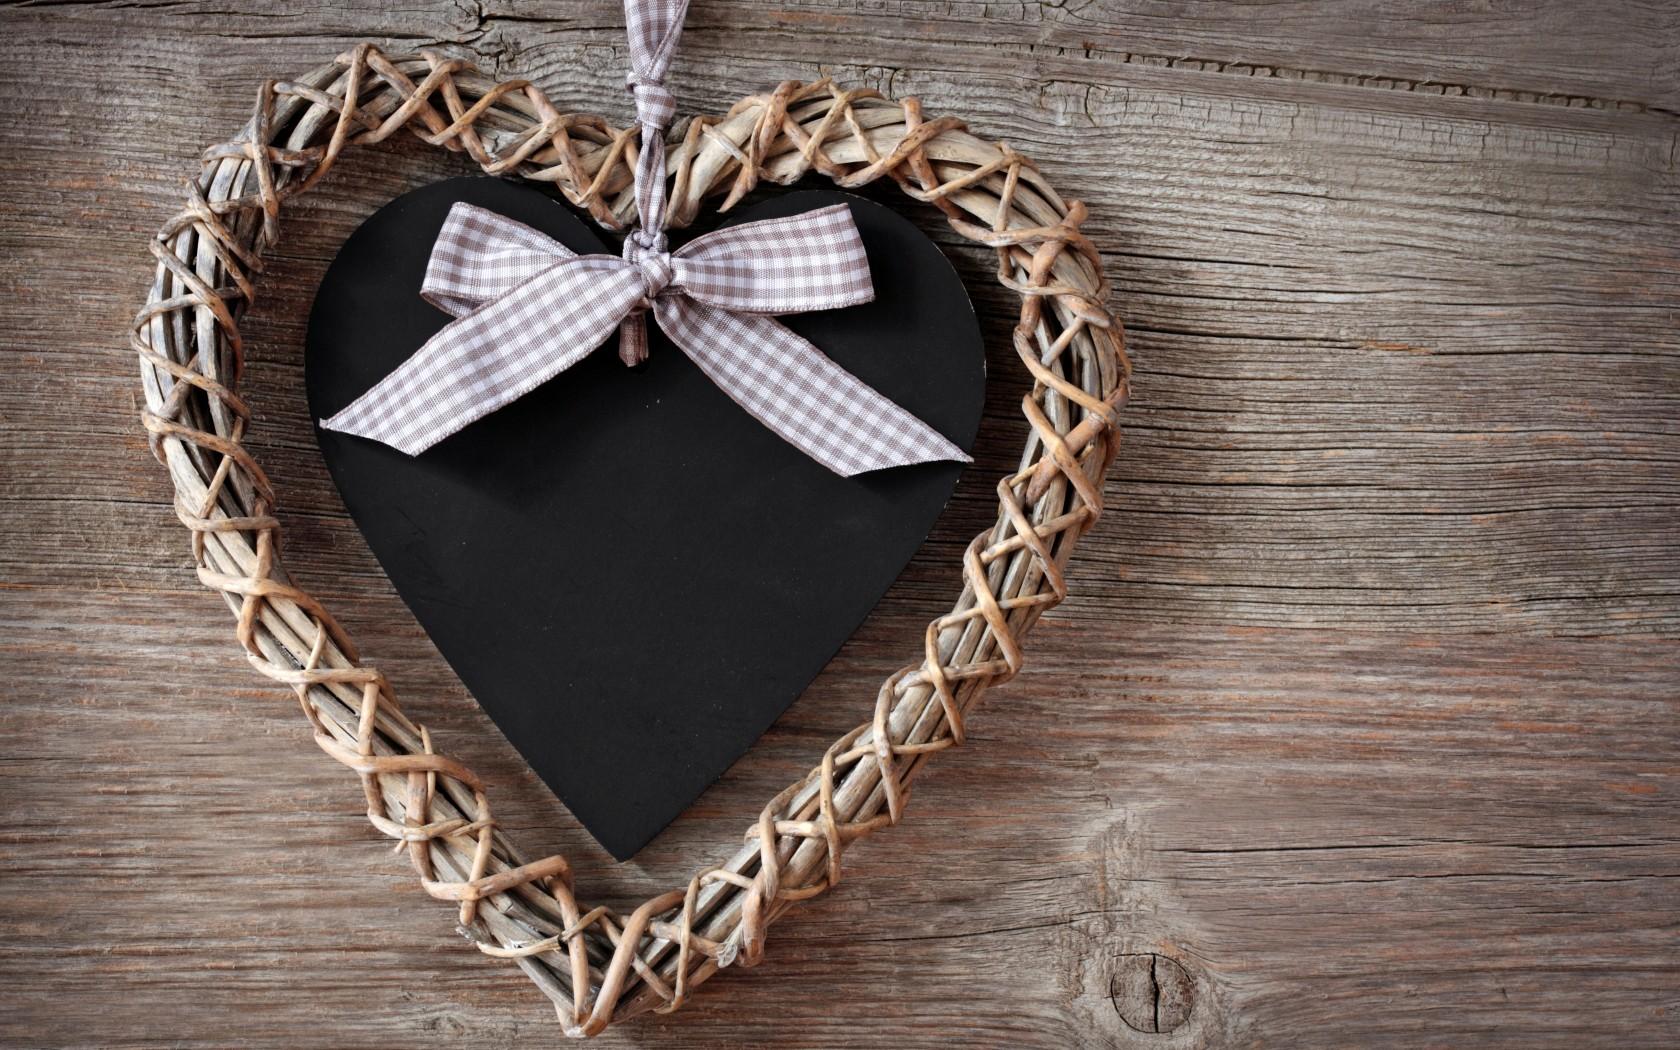 صور قلوب وحب ورومانسية وصورة قلب HD  (37)